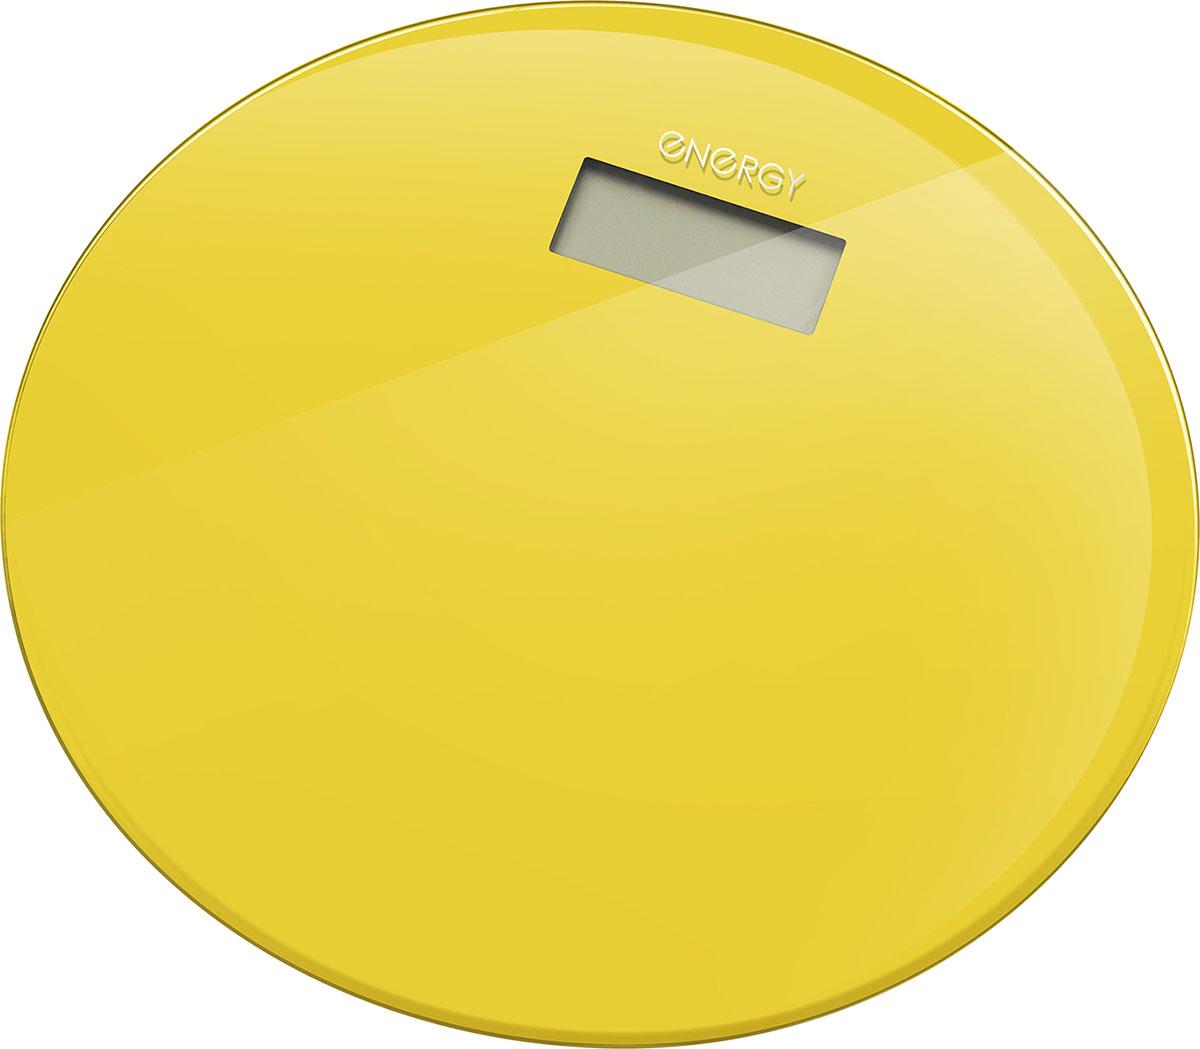 Energy EN-420 RIO, Yellow напольные весы54 003494Стеклянная поверхностьДиагональ: 33 смМаксимальная нагрузка: 180 кгЦена деления: 100 граммСтеклянная платформа: 6 ммLCD дисплей, размер: 73*28 ммАвтоотключениеИндикатор перегрузки и заряда батареиПитание от батареи: 1*CR2032 (входит в комплект)